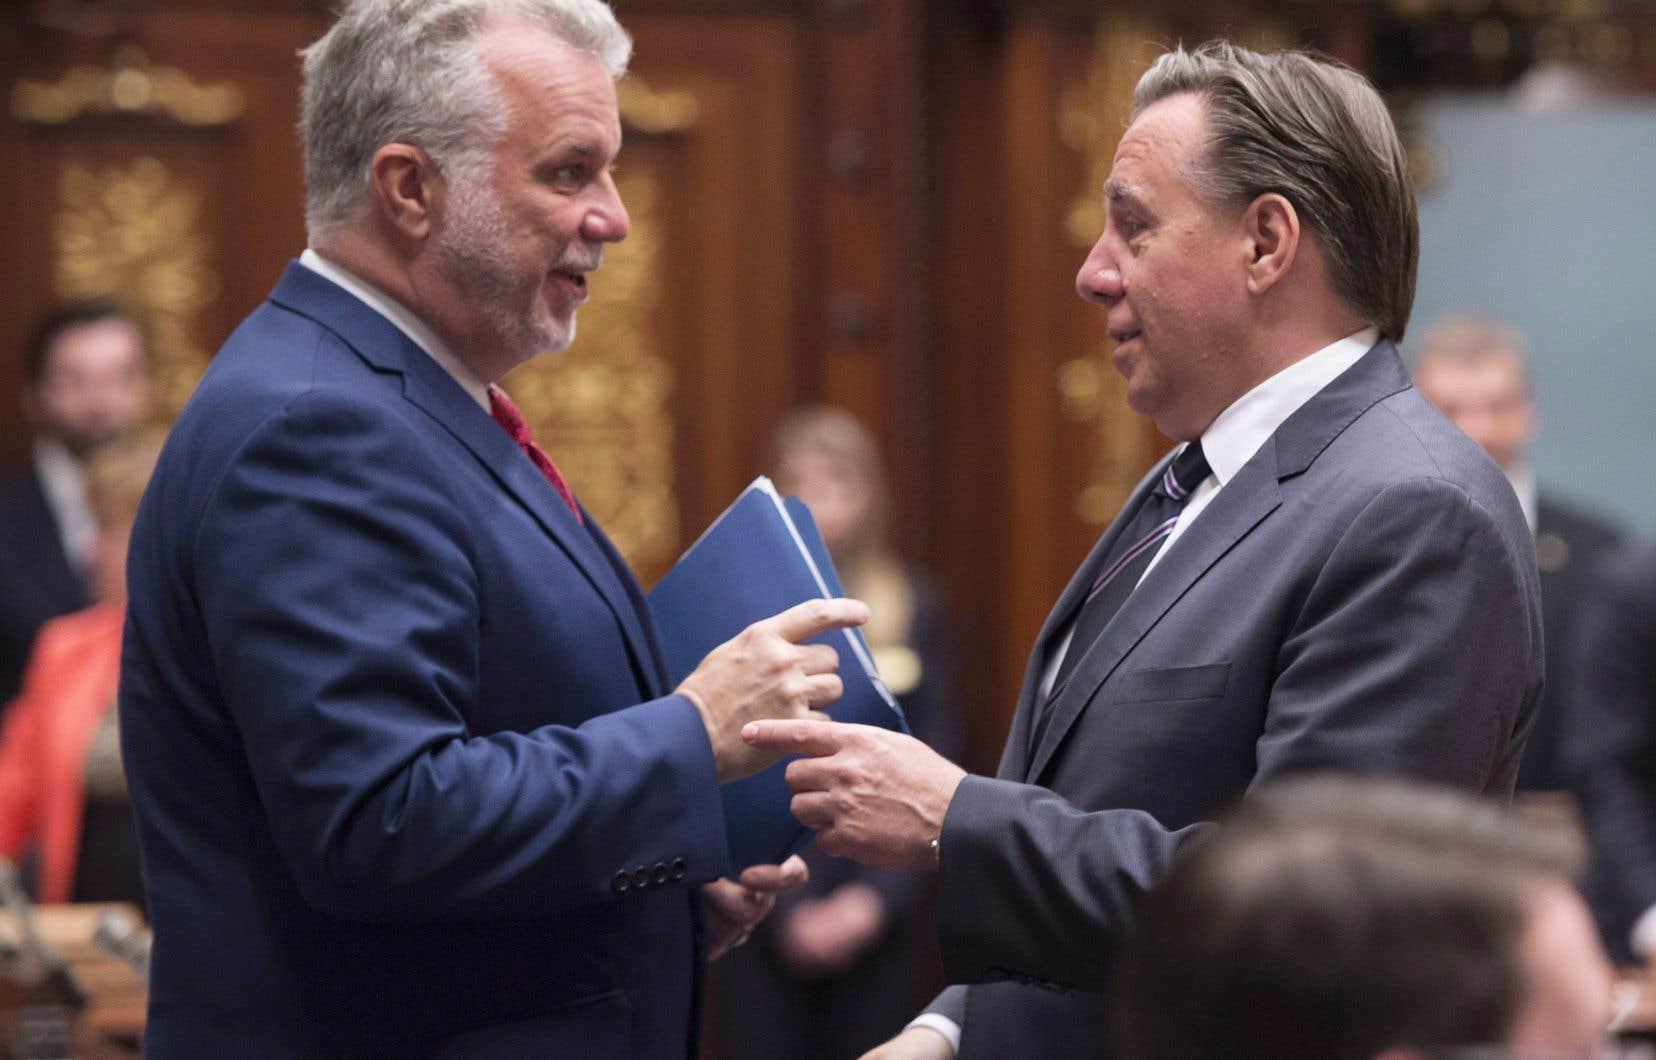 La Coalition avenir Québec conserve son avance, mais reste talonnée par le Parti libéral du Québec.